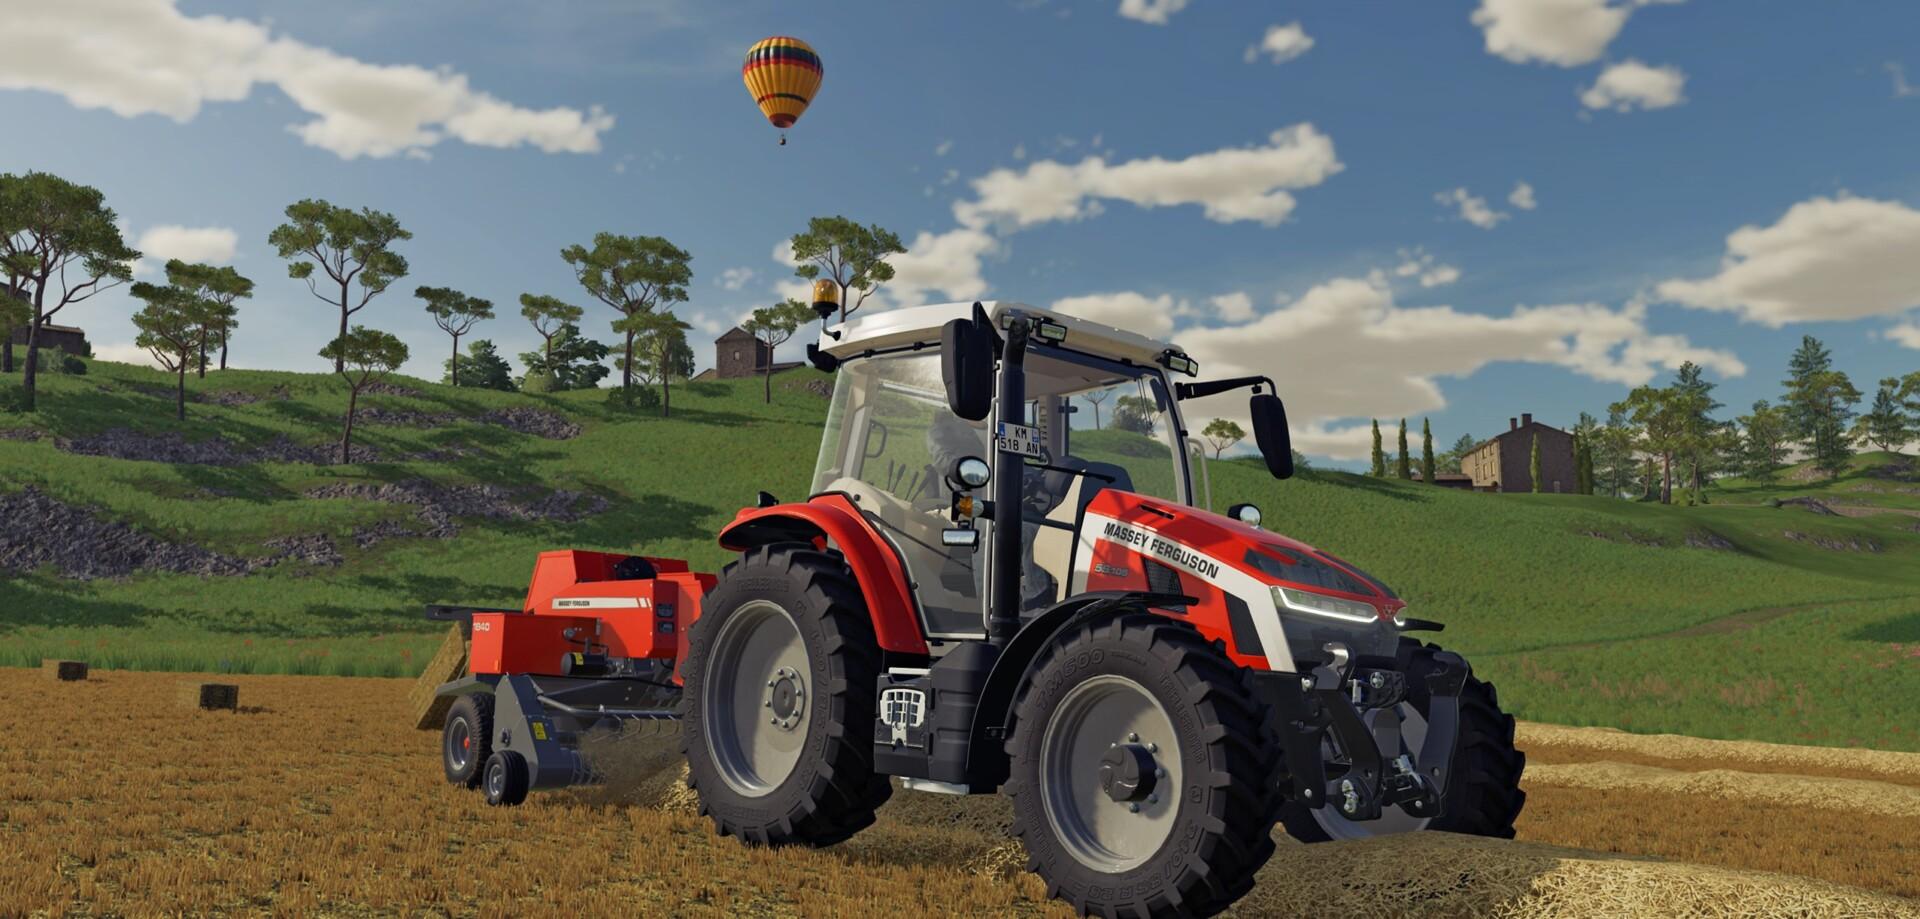 Farming Simulator 22 Трактор и воздушный шар